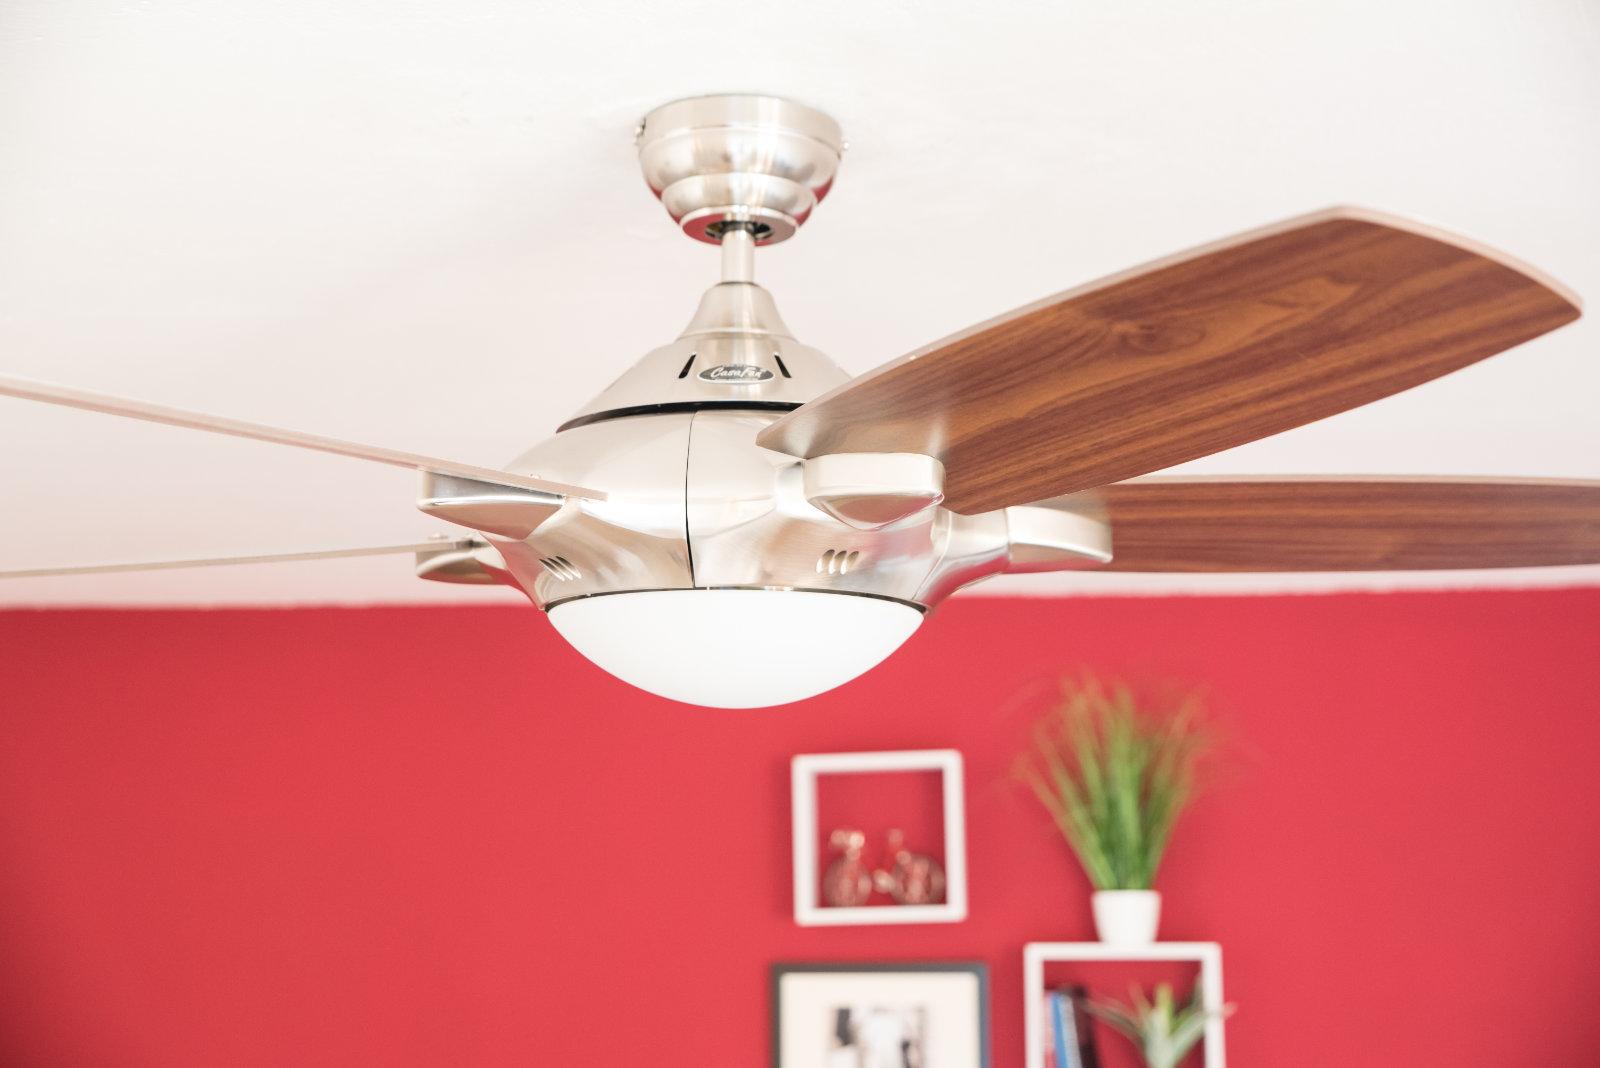 deckenventilator mercury mit licht und fernbedienung deckenventilator deckenventilatoren mit. Black Bedroom Furniture Sets. Home Design Ideas